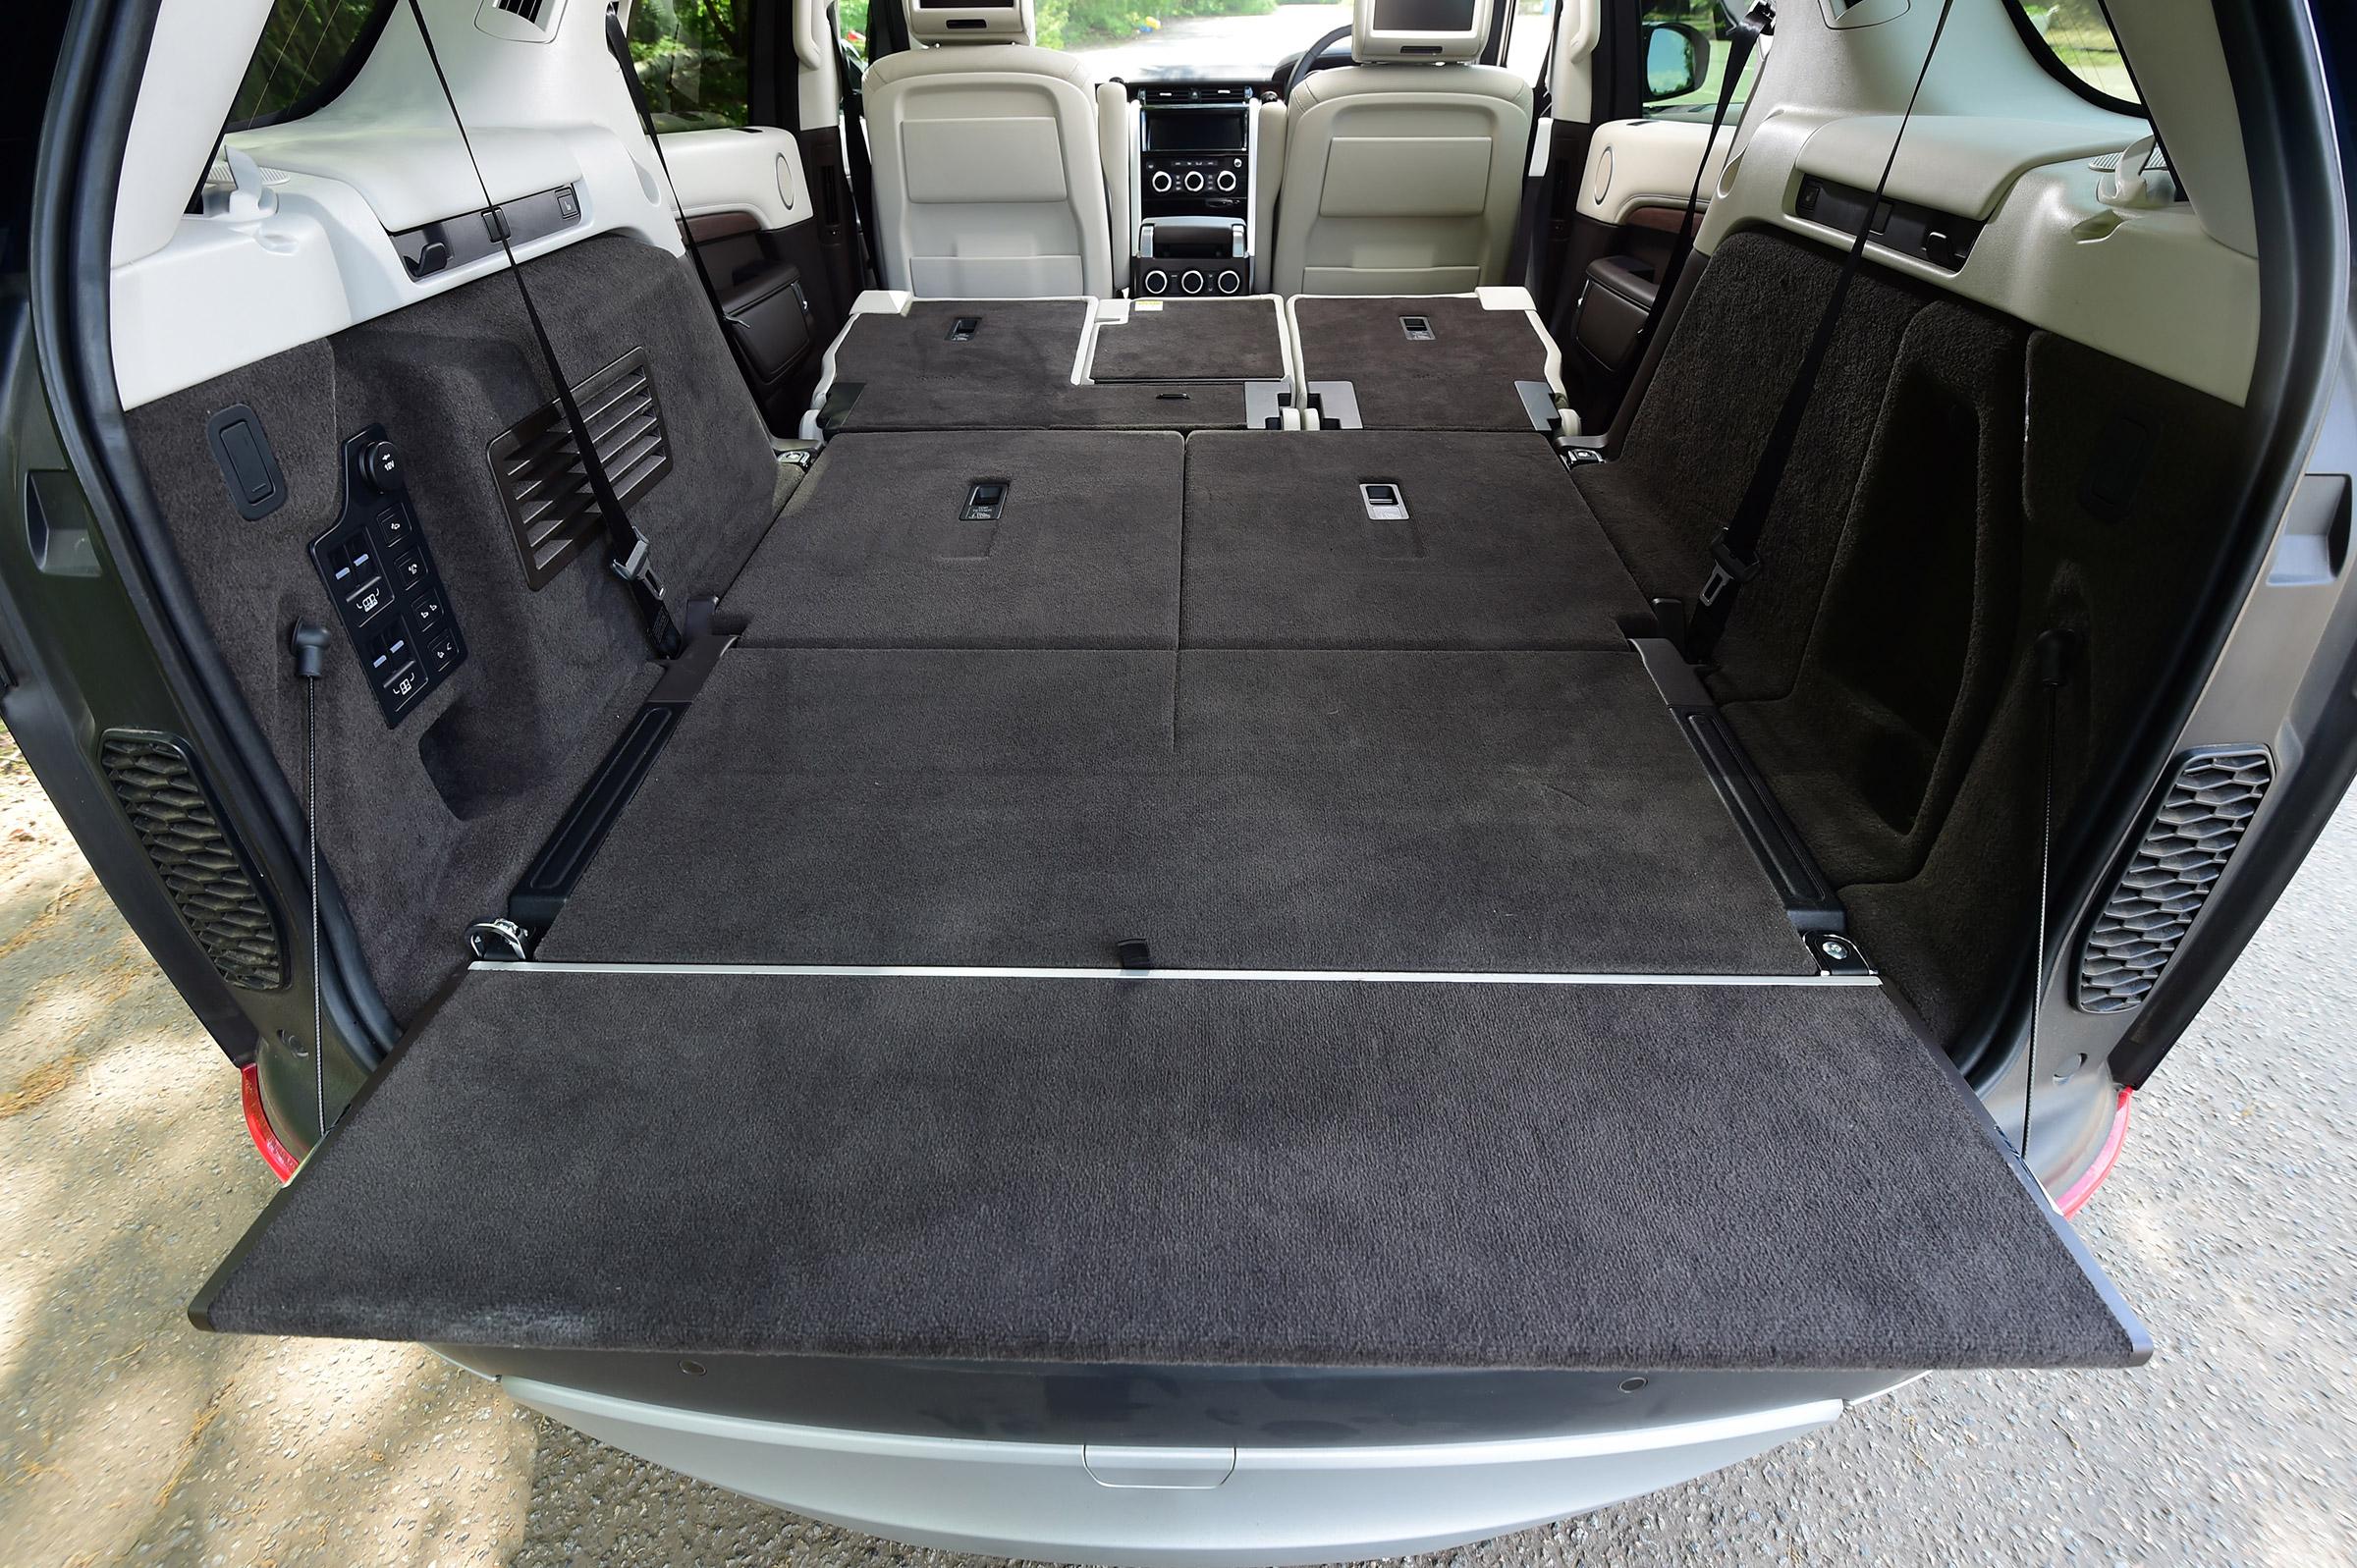 New Vw Touareg Tdi 2015 Review Auto Express